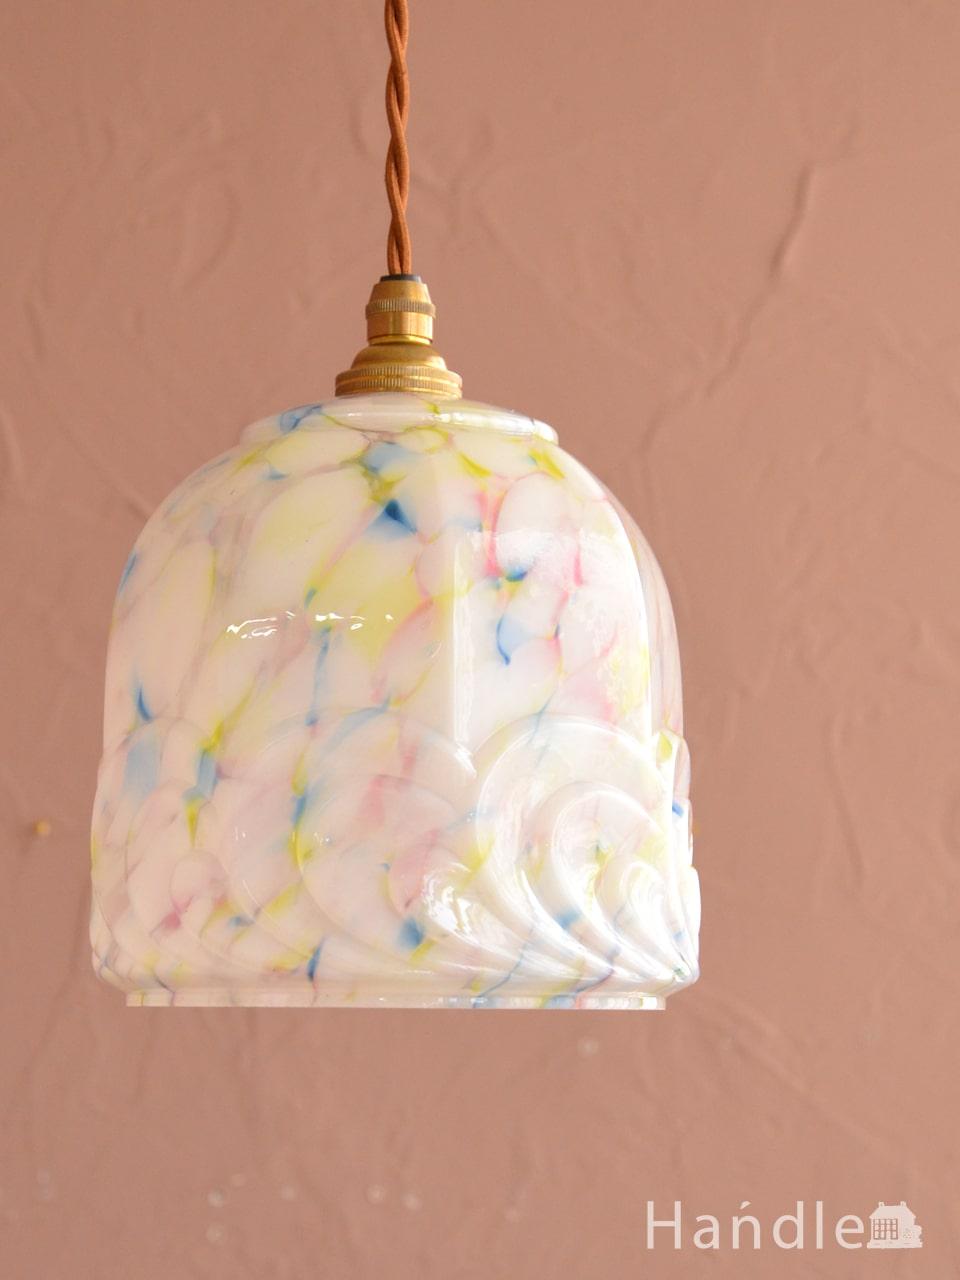 アンティークのおしゃれな照明、アールデコ調の型押しが美しいペンダントライト(コード・シャンデリア電球・ギャラリーなし) (m-4413-z)